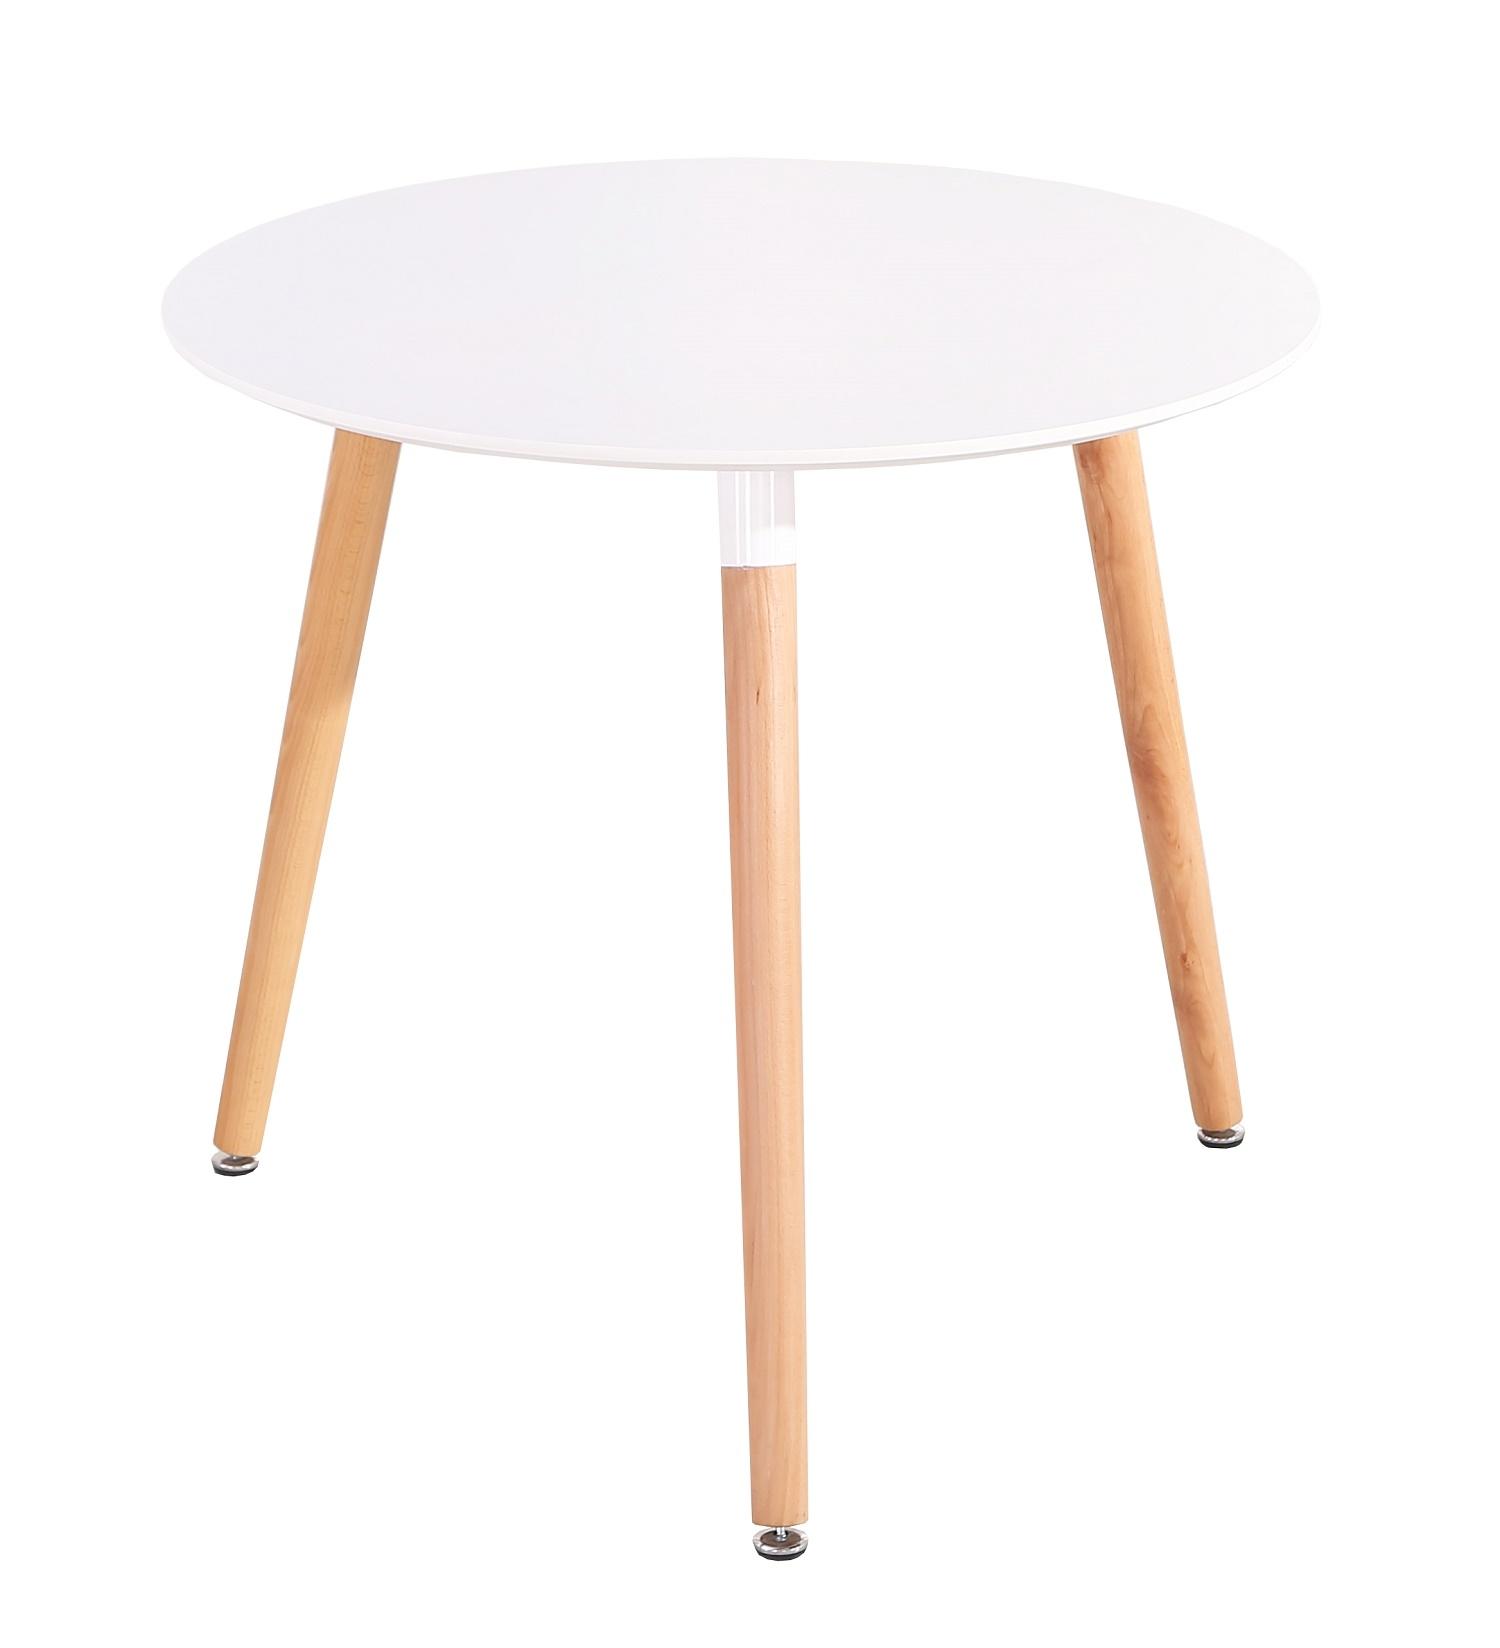 Tisch Fox Rund 9 cm   Esstische furnmod